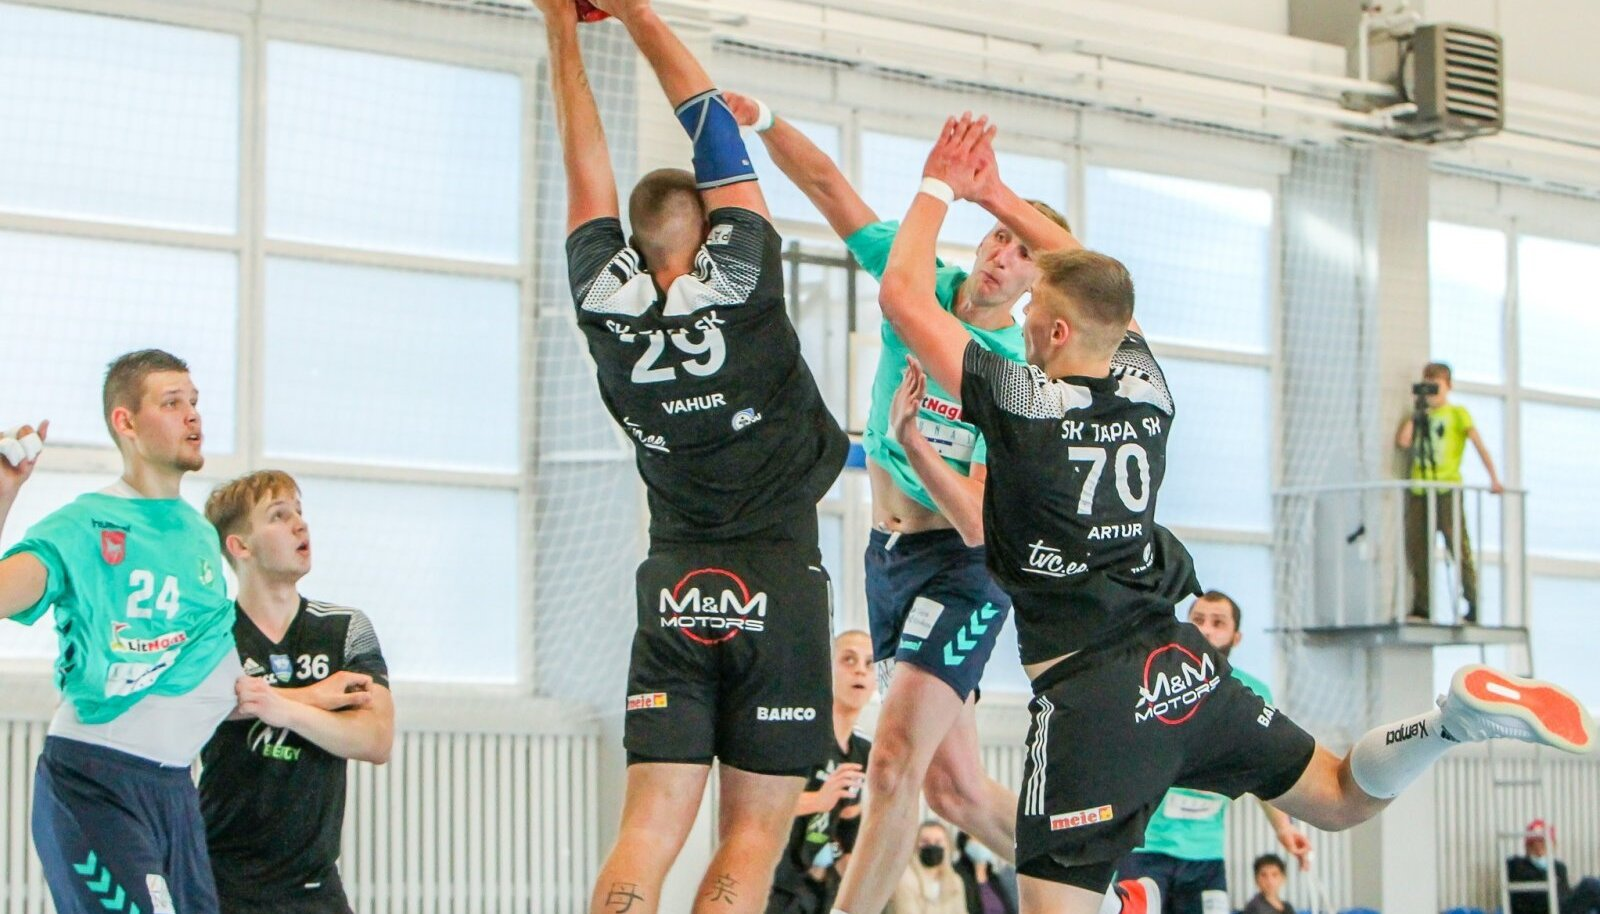 SK Tapa ennastsalgav kaitsetöö ja võitluslik mäng tõid magusa võidu Balti liigas Leedu tippklubi Kaunase Granitas-Karysi üle.